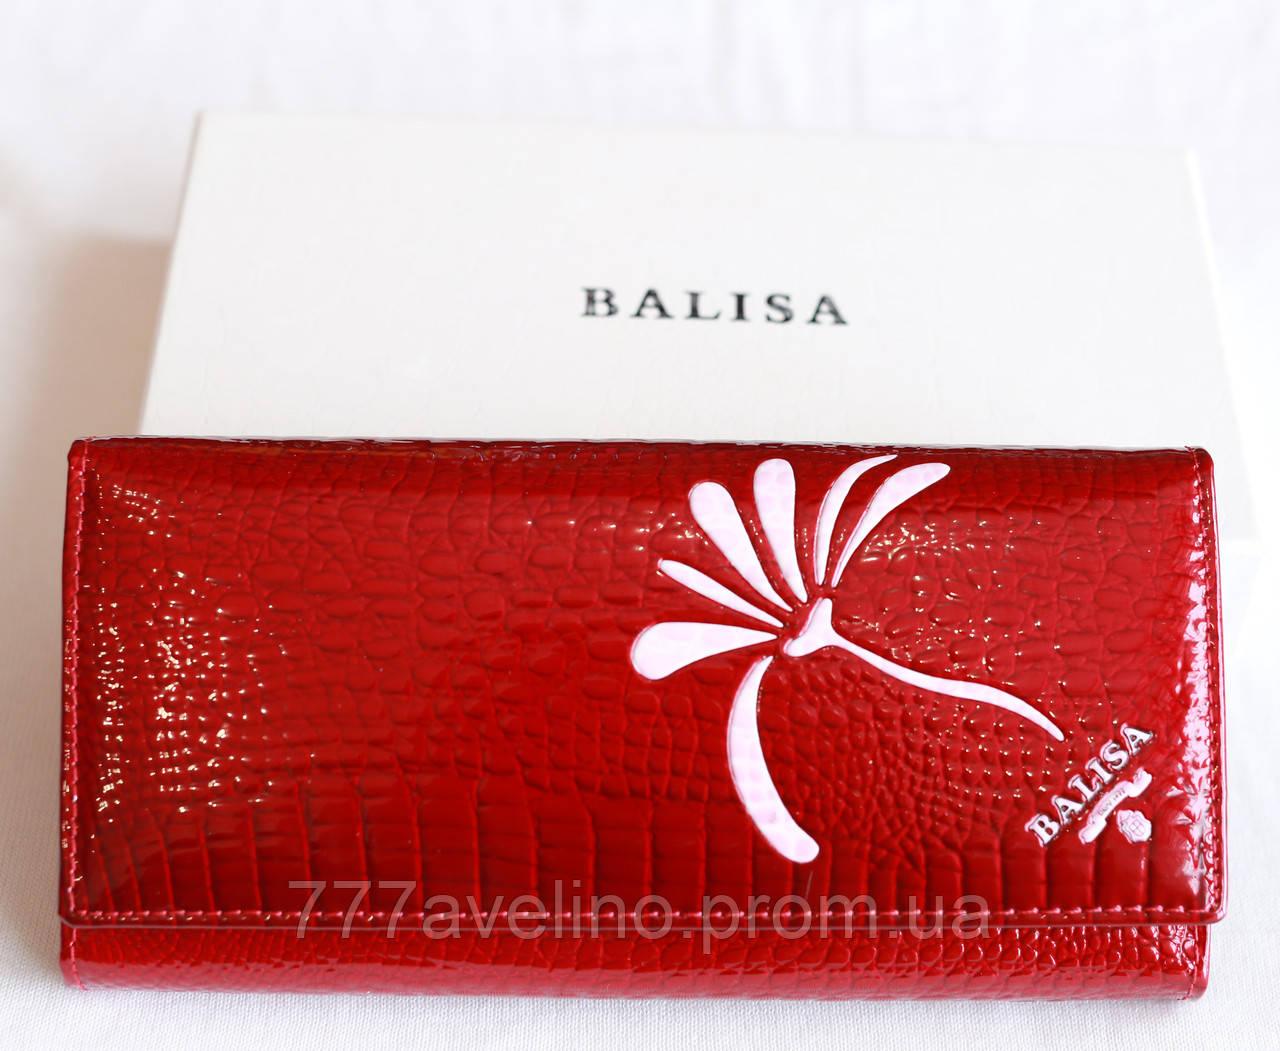 275c0e6d9144 Кошелек женский кожаный лакированный Balisa: купить в Харькове ...